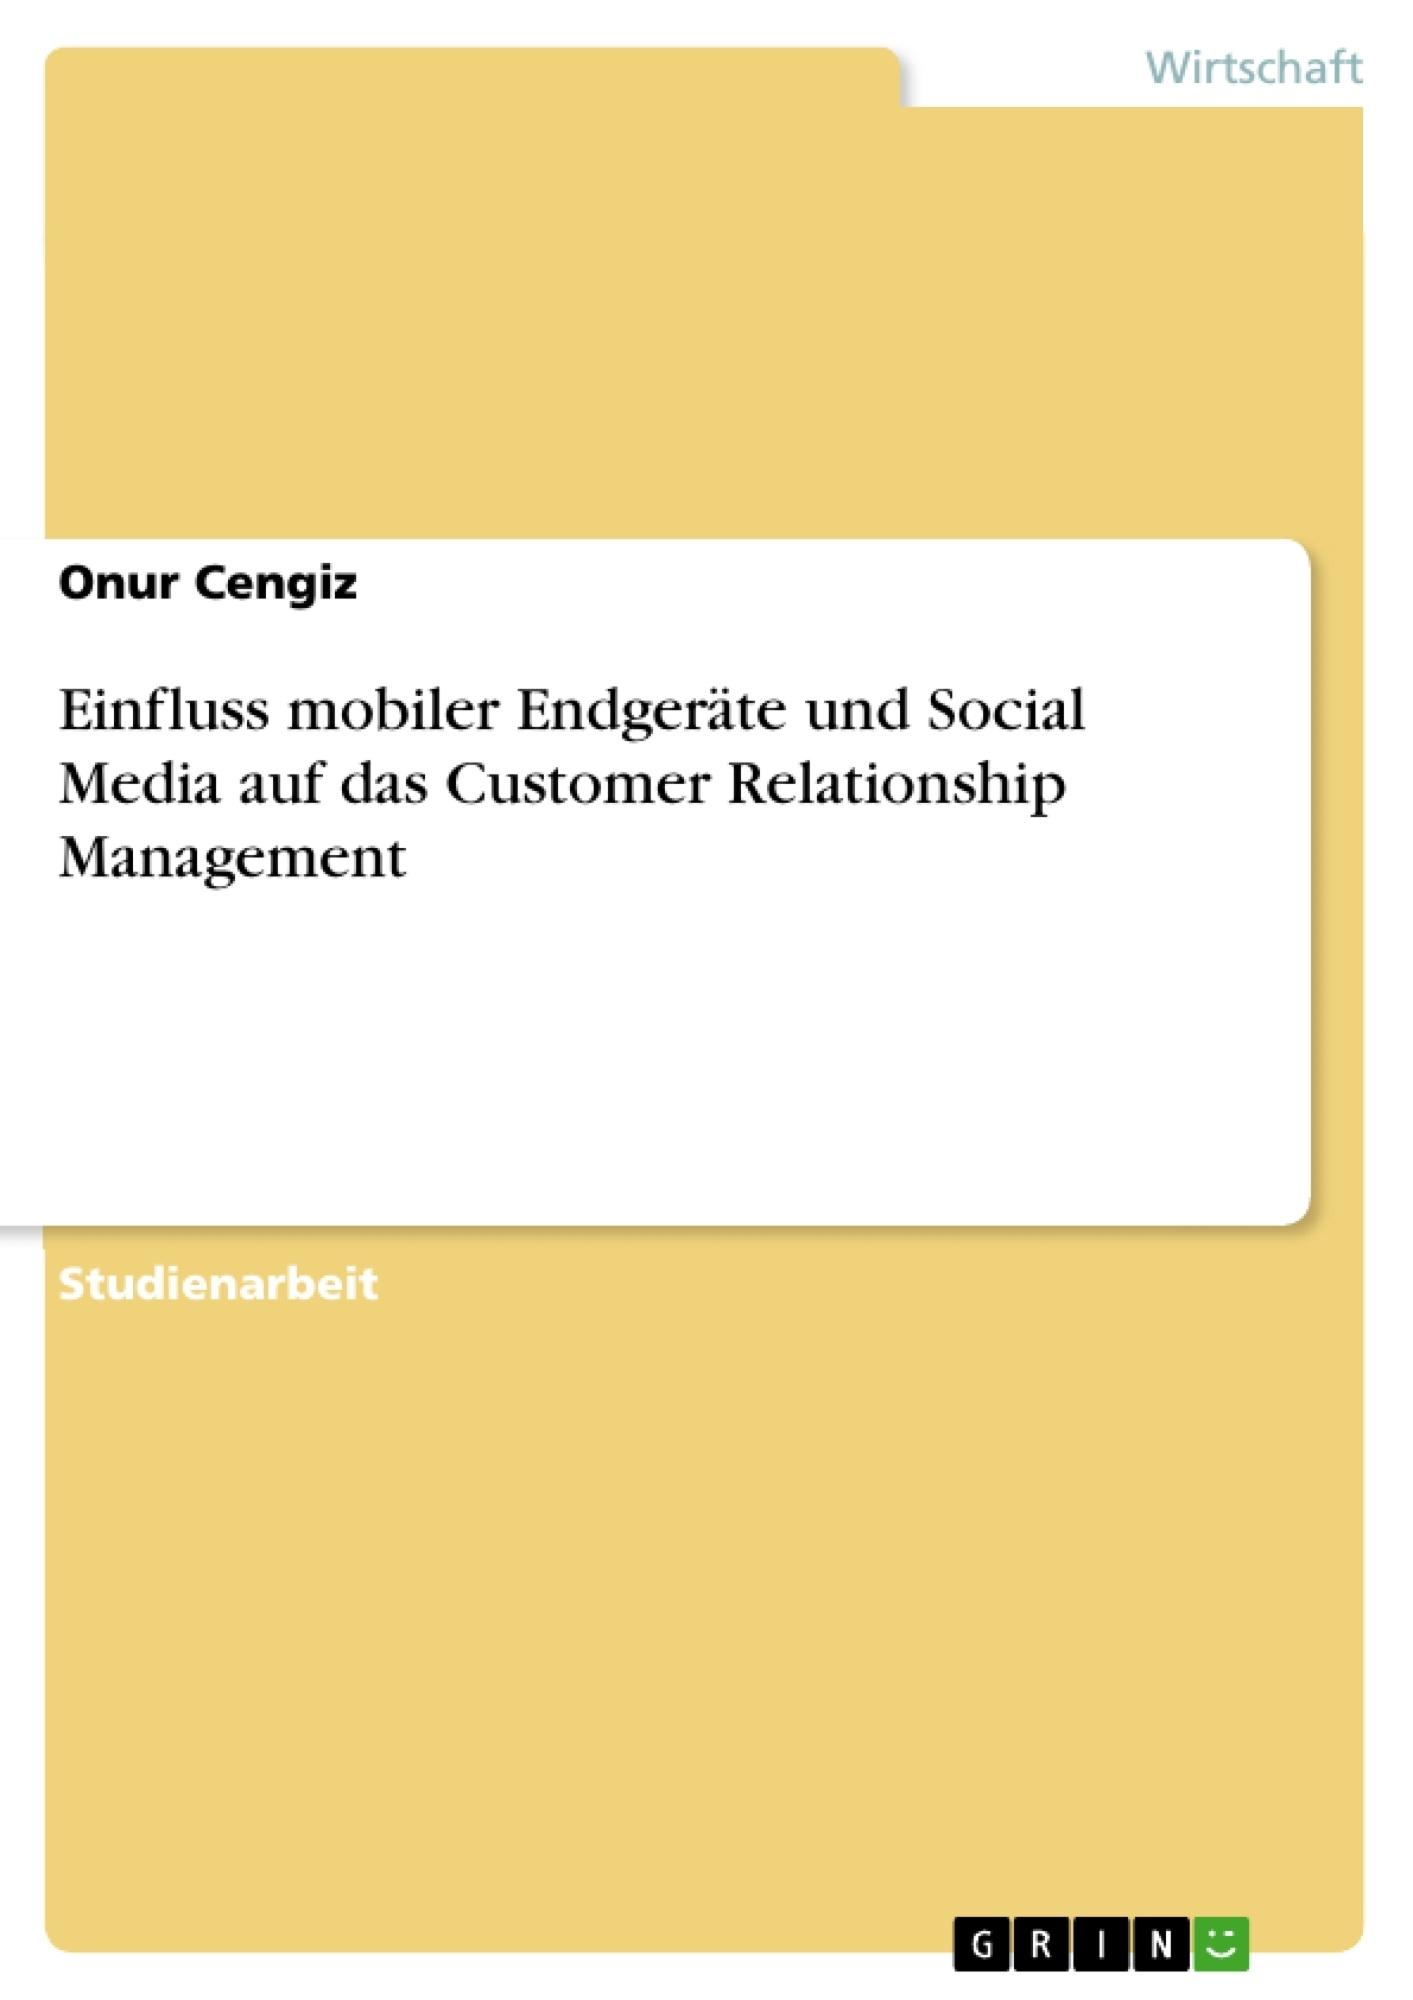 Titel: Einfluss mobiler Endgeräte und Social Media auf das Customer Relationship Management